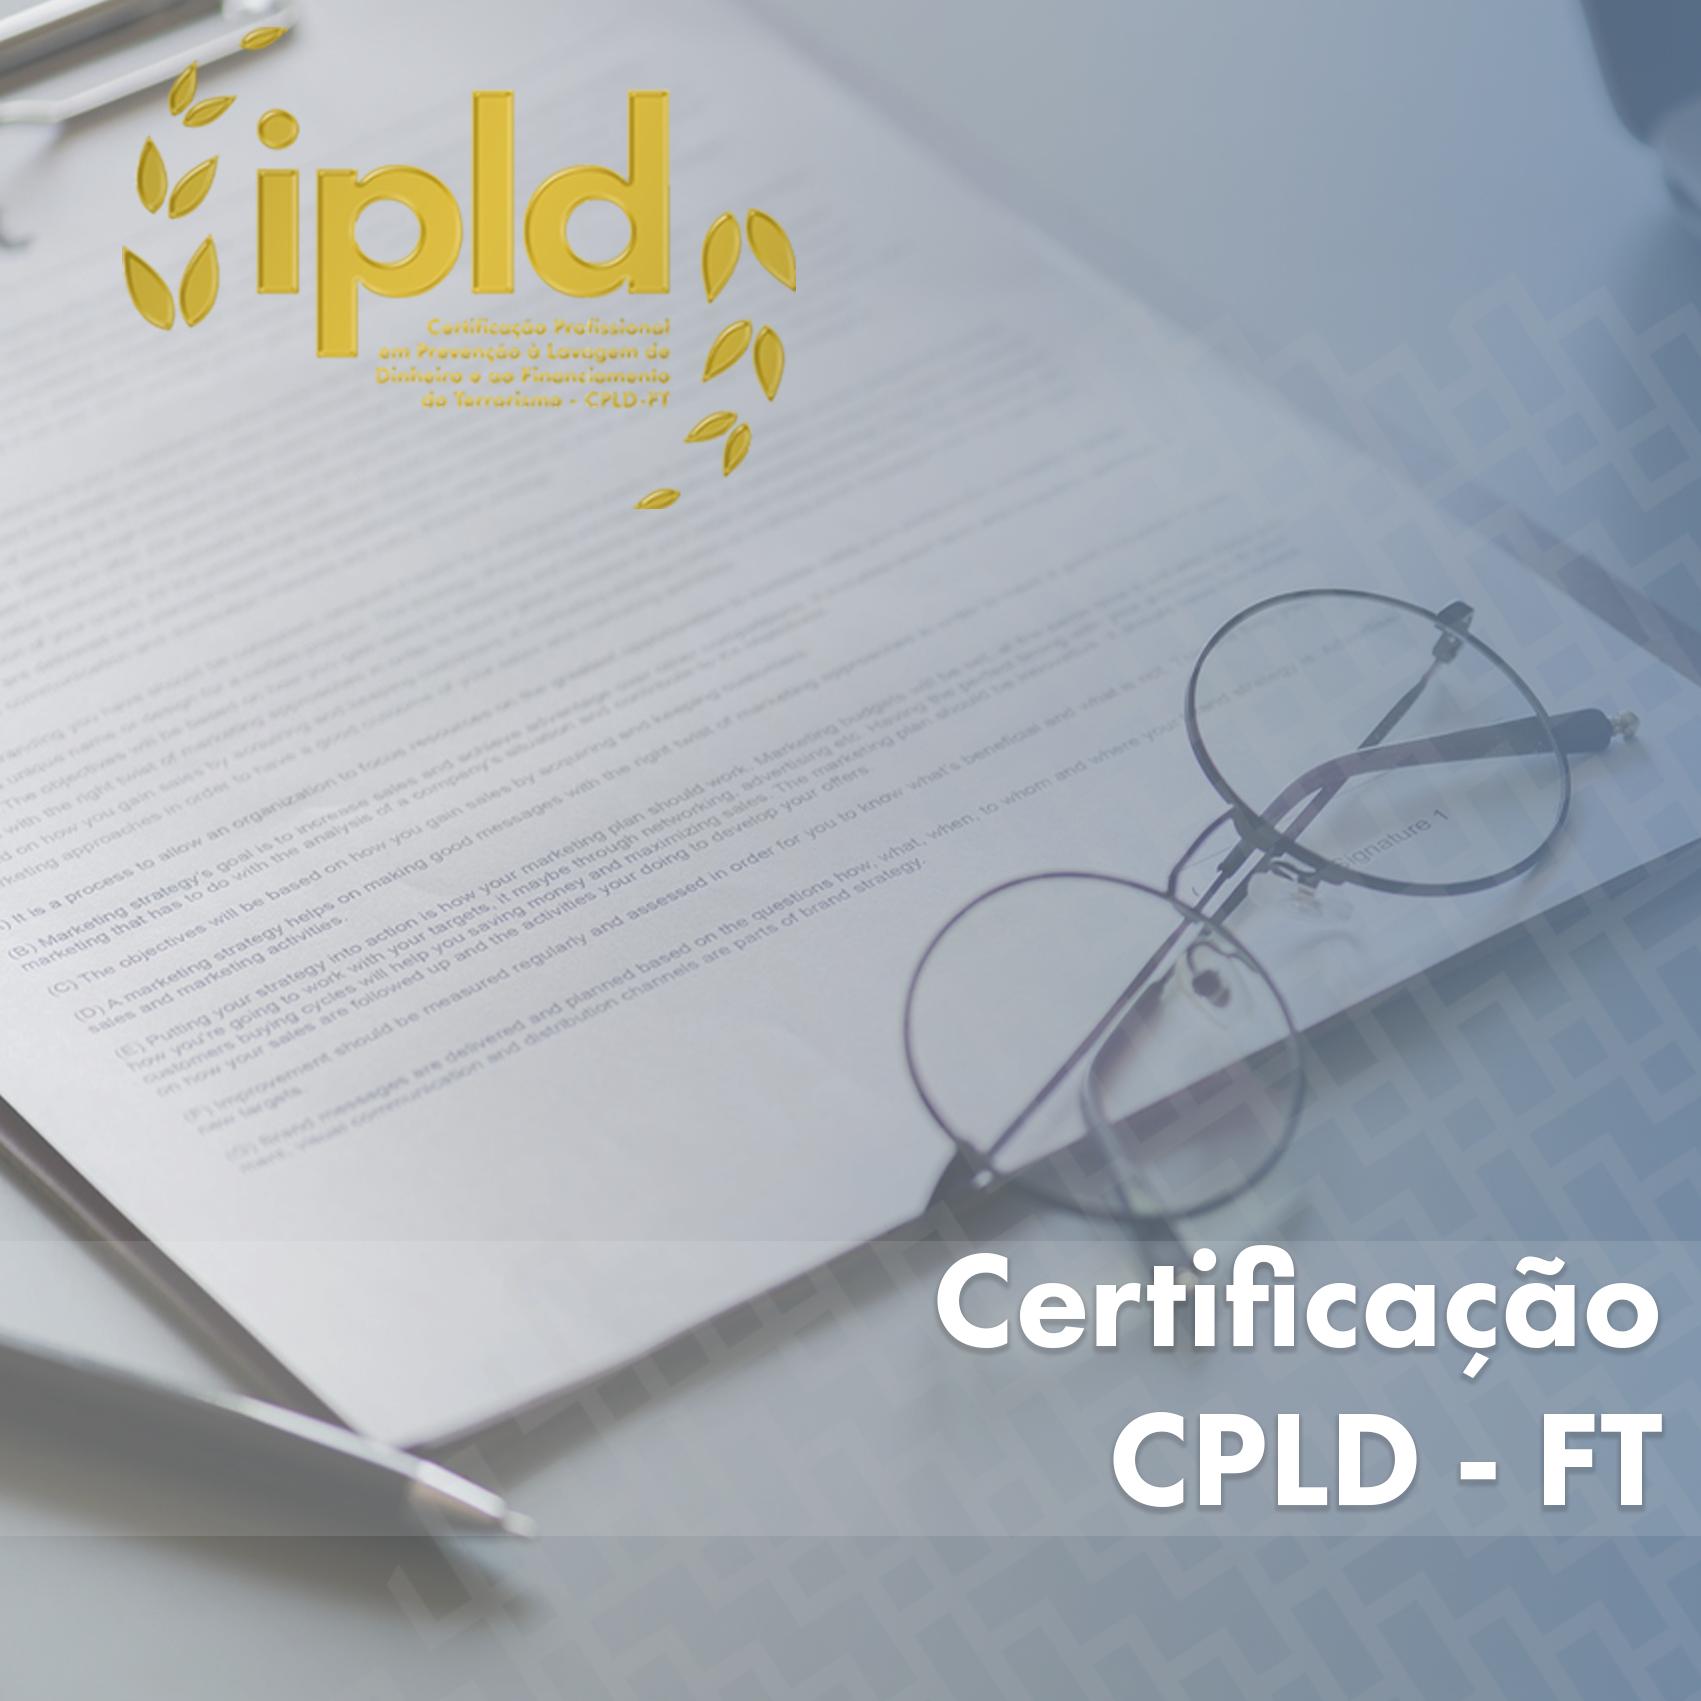 ipld_cpld_exame